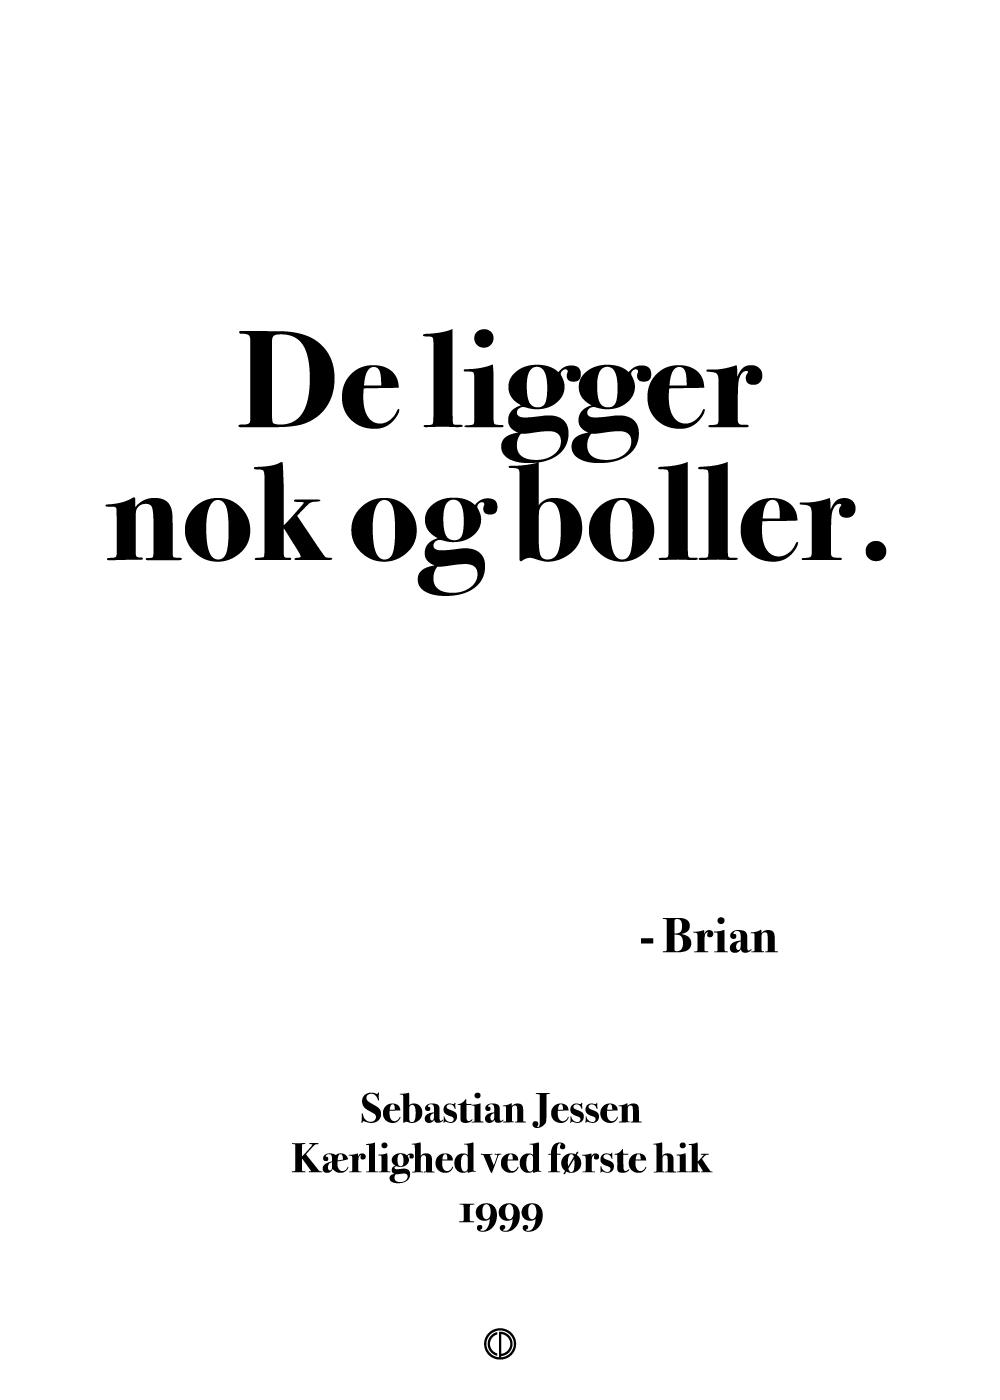 Dansk citater kærlighed Søde citater